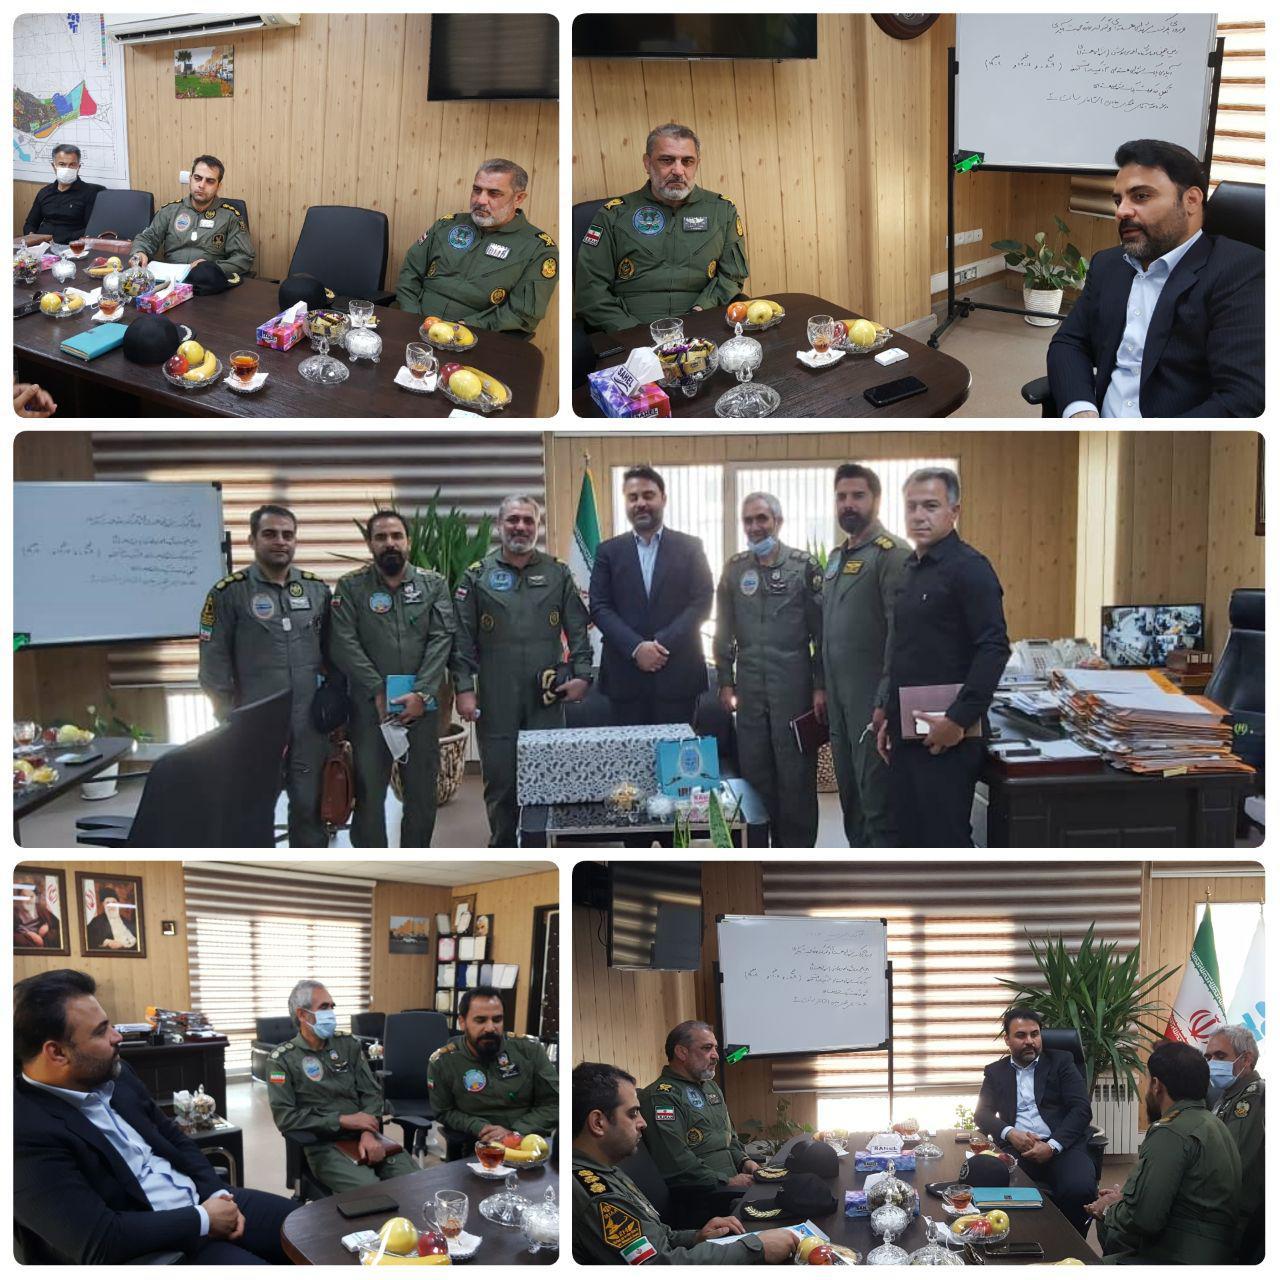 دیدار شهردار پرند با فرمانده هوانیروز ارتش جمهوری اسلامی ایران